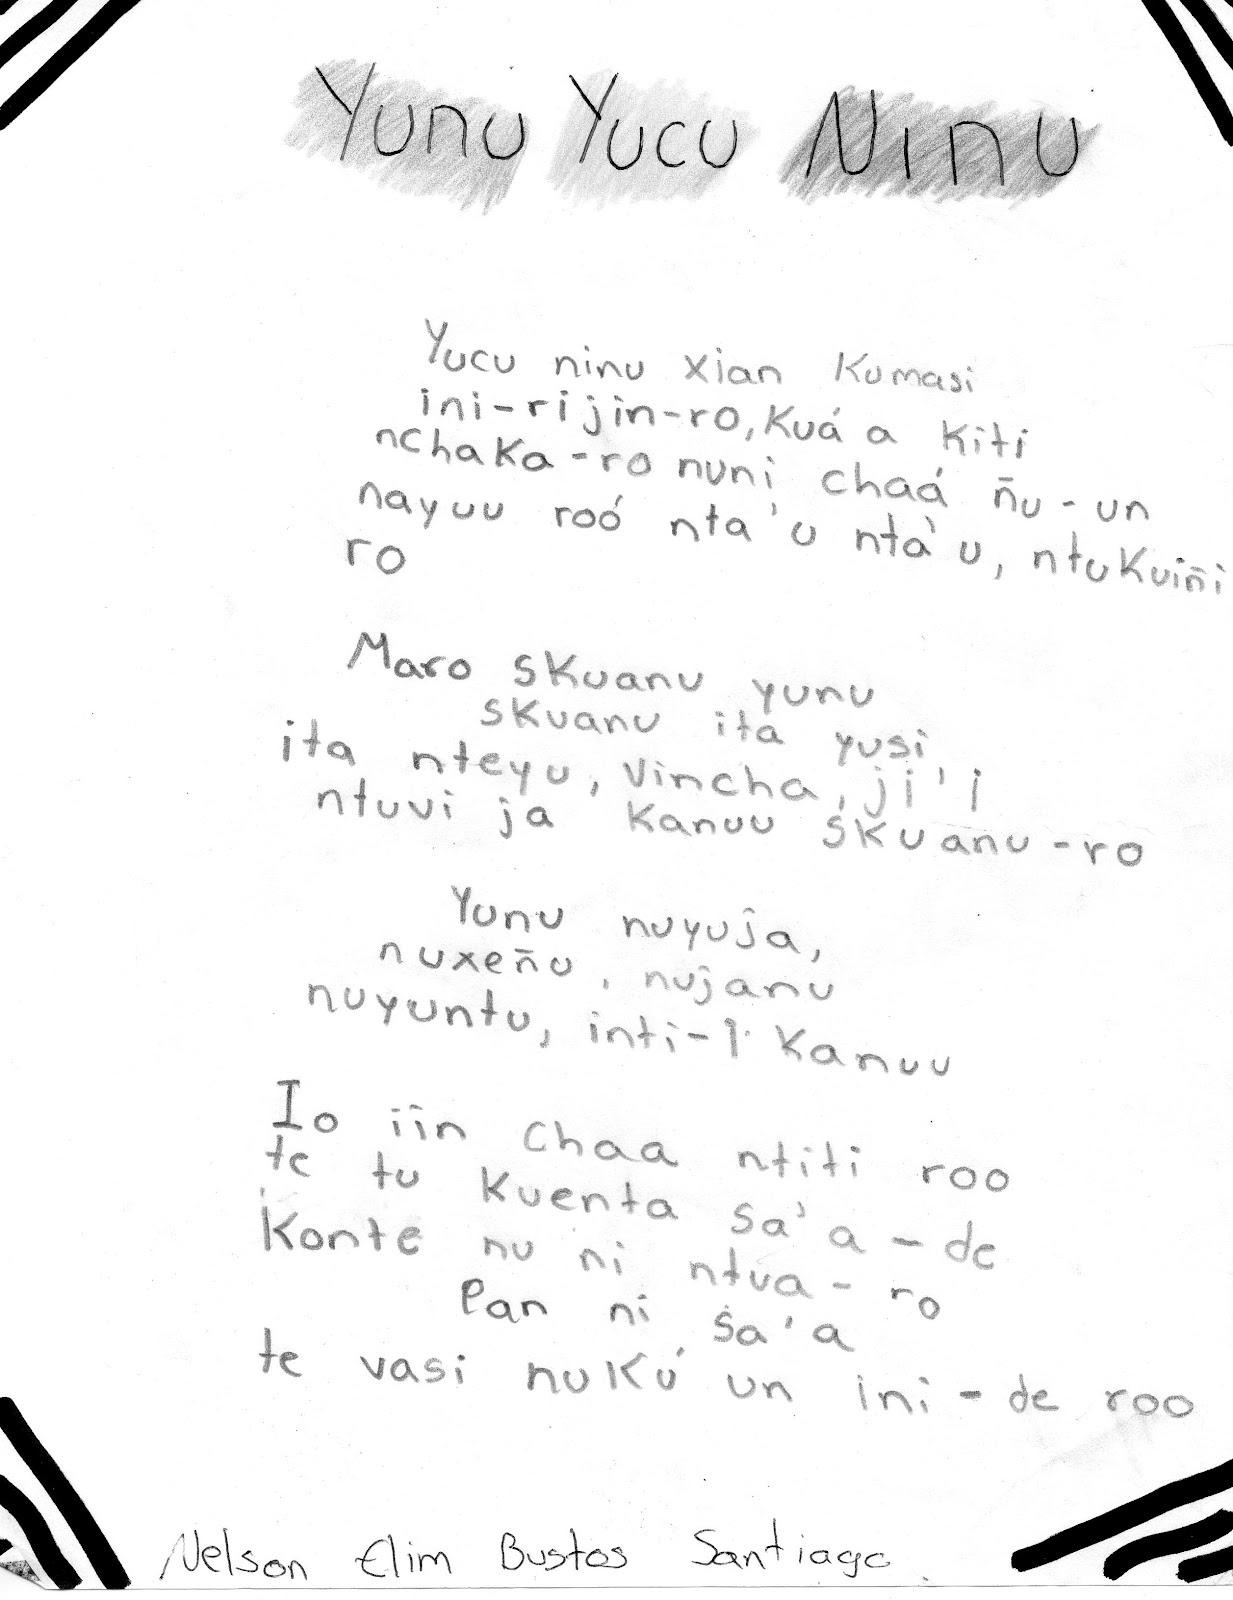 Poemas Cortos En Nahuatl Y Su Traduccion | apexwallpapers.com